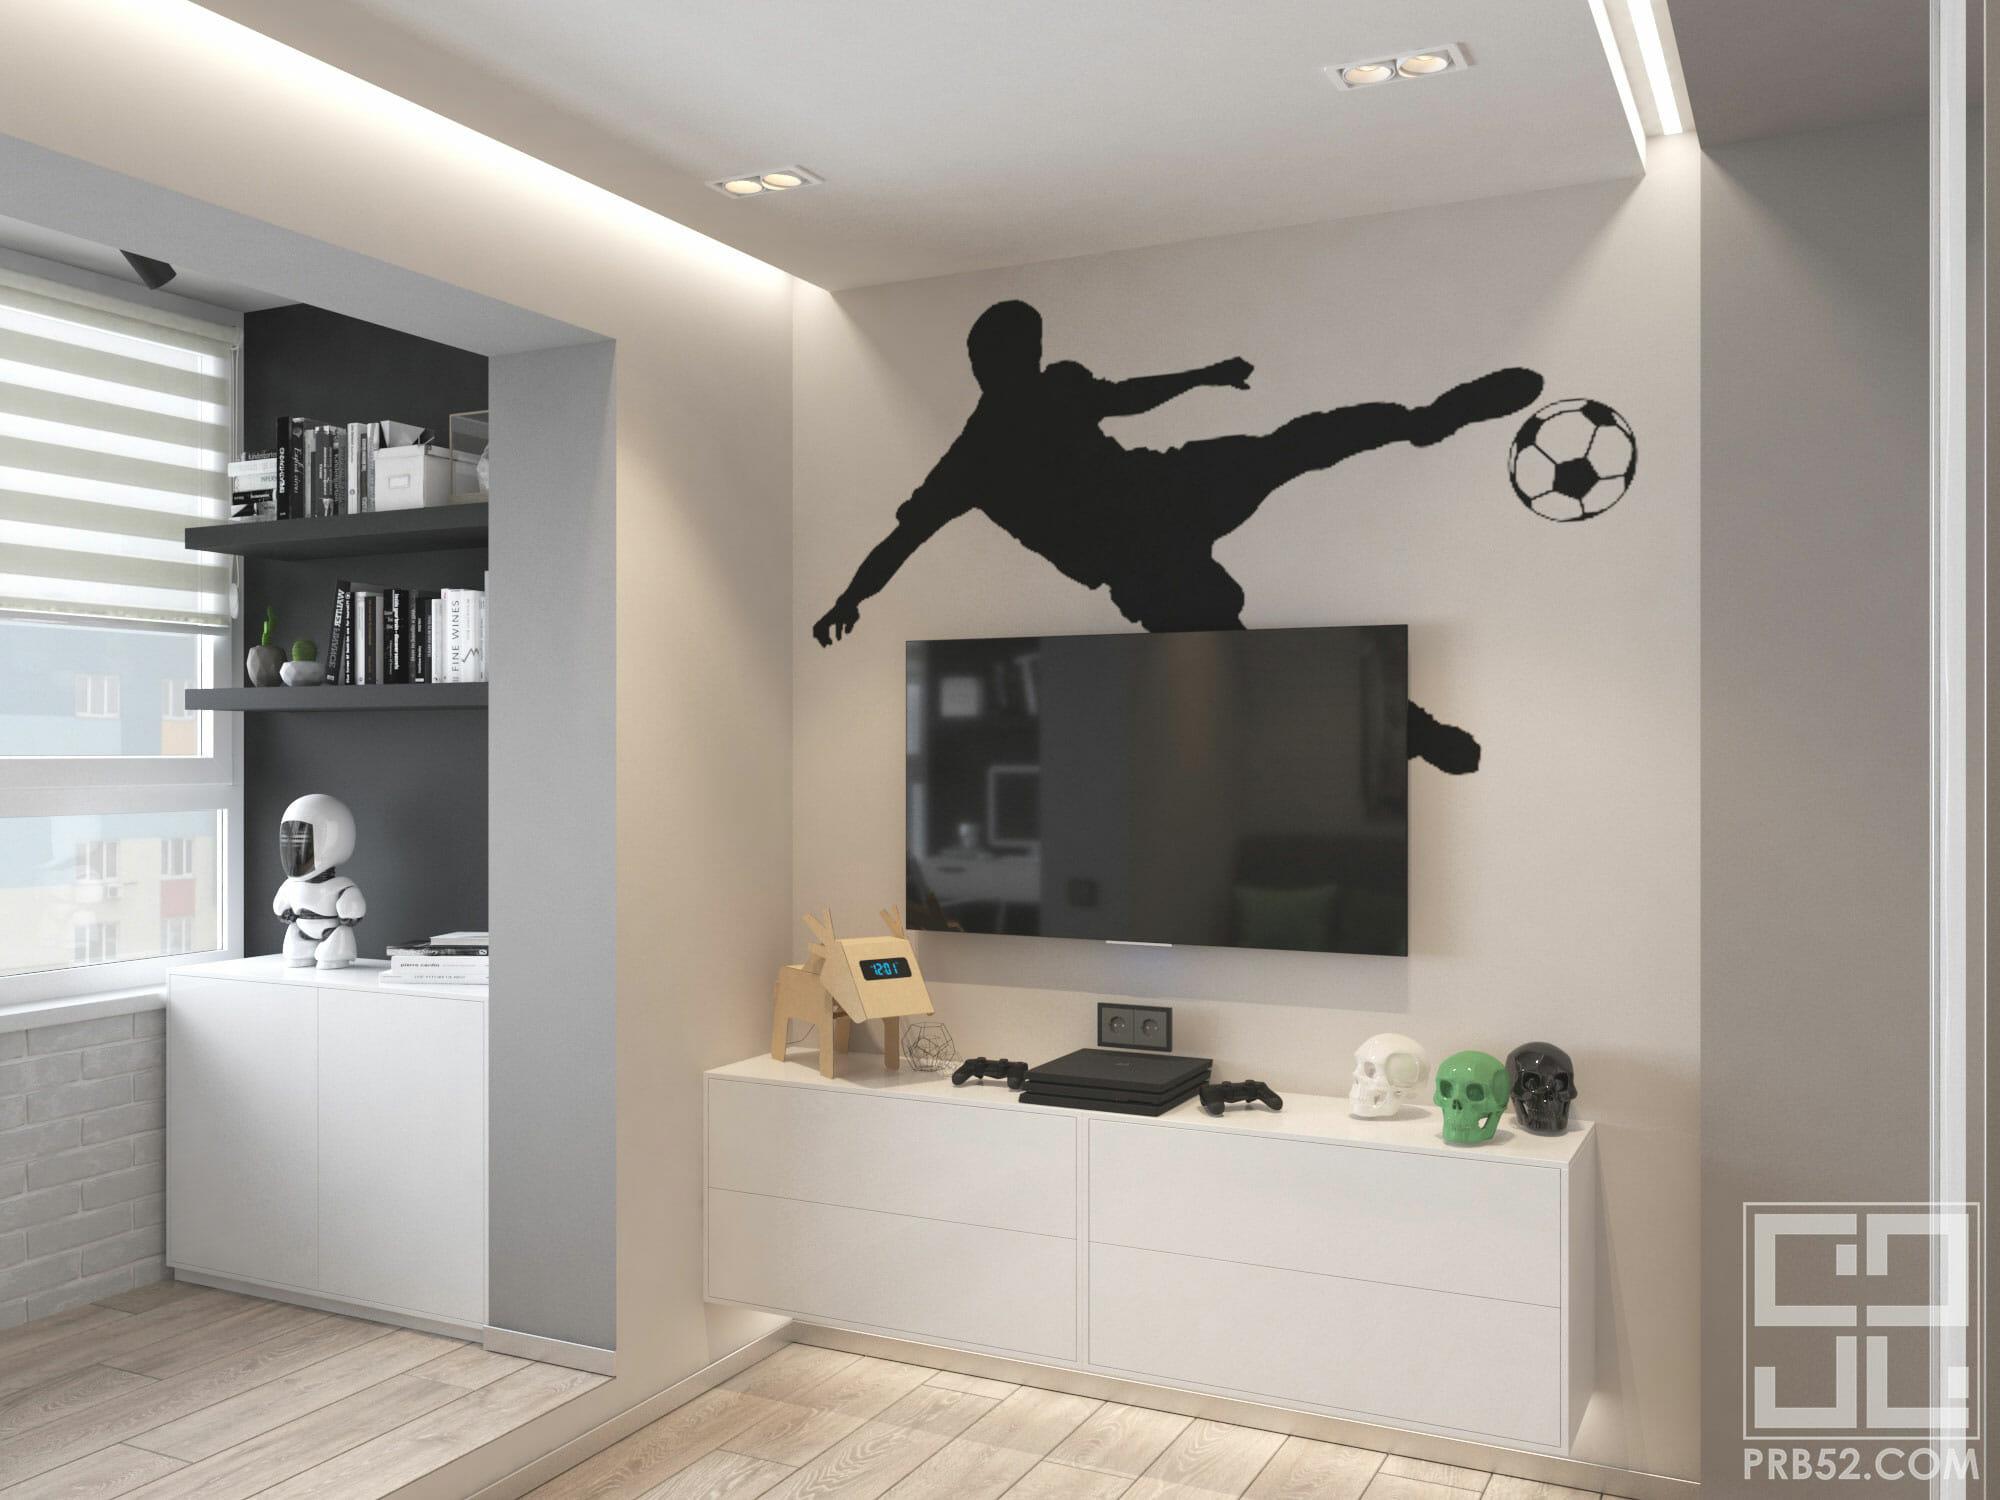 дизайн интерьера детской комнаты для мальчика